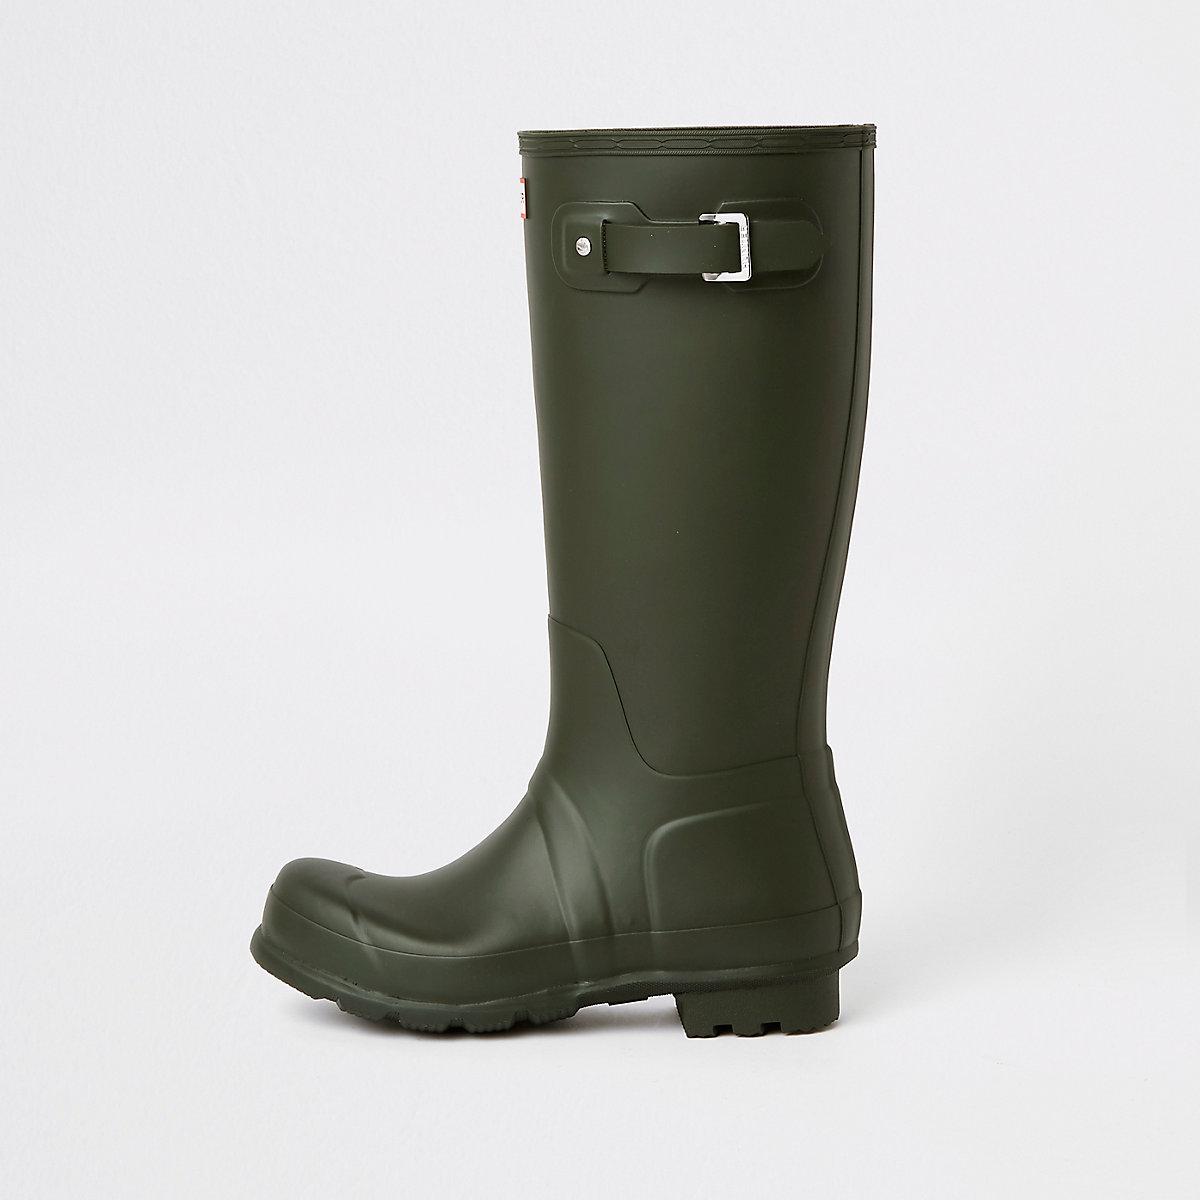 Hunter Original green tall rubber boots